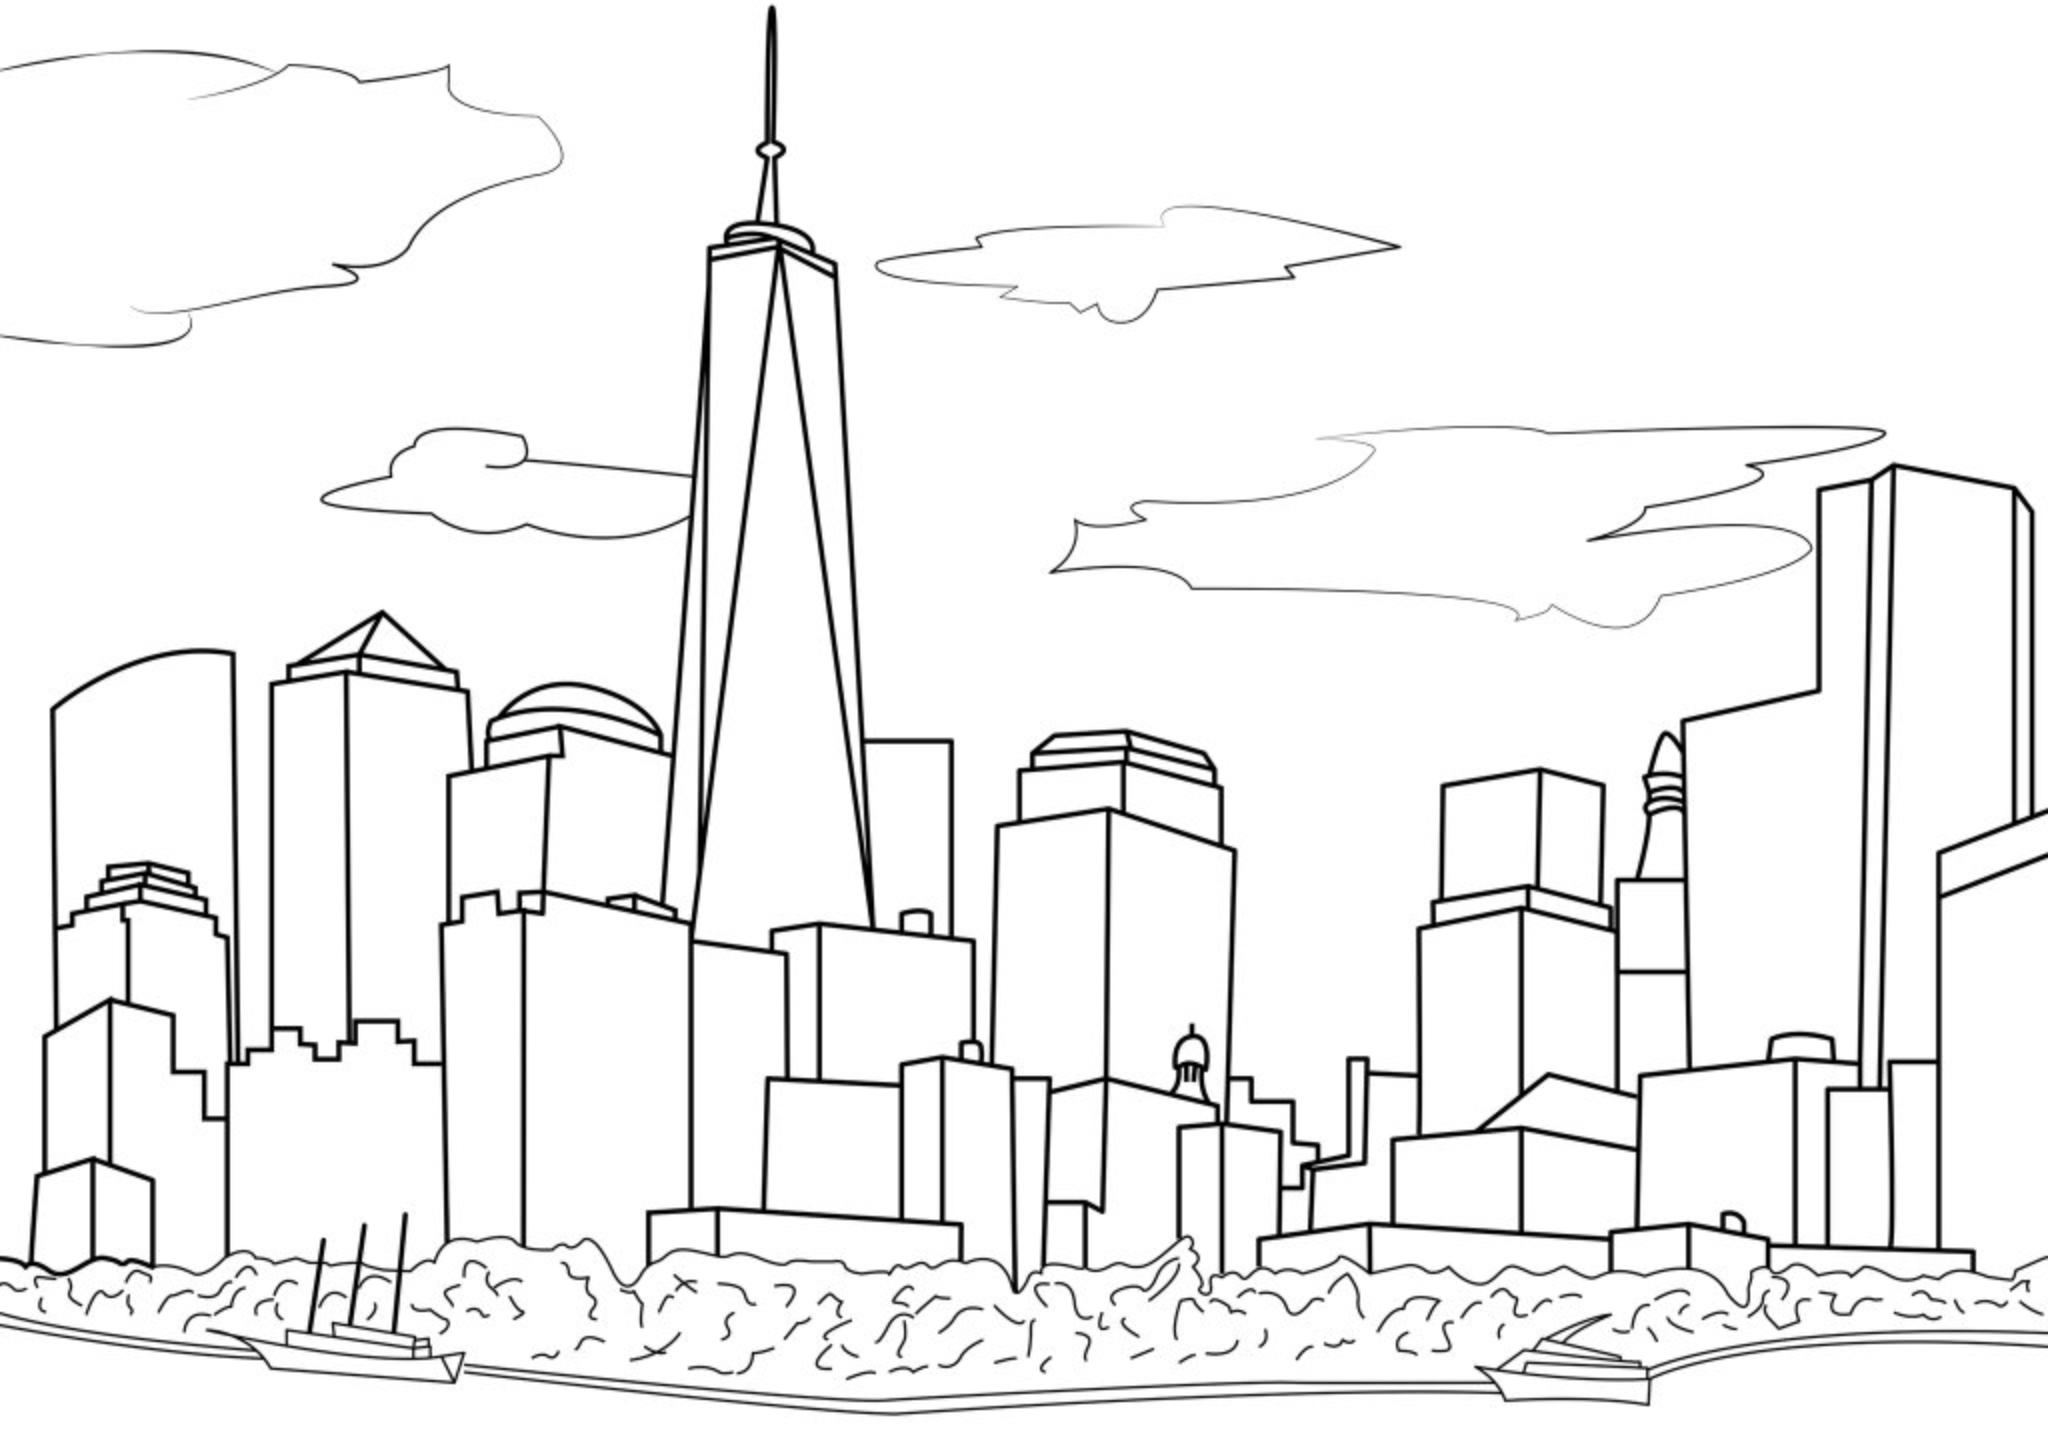 раздумывать картинки про город карандашом них есть регулируемые